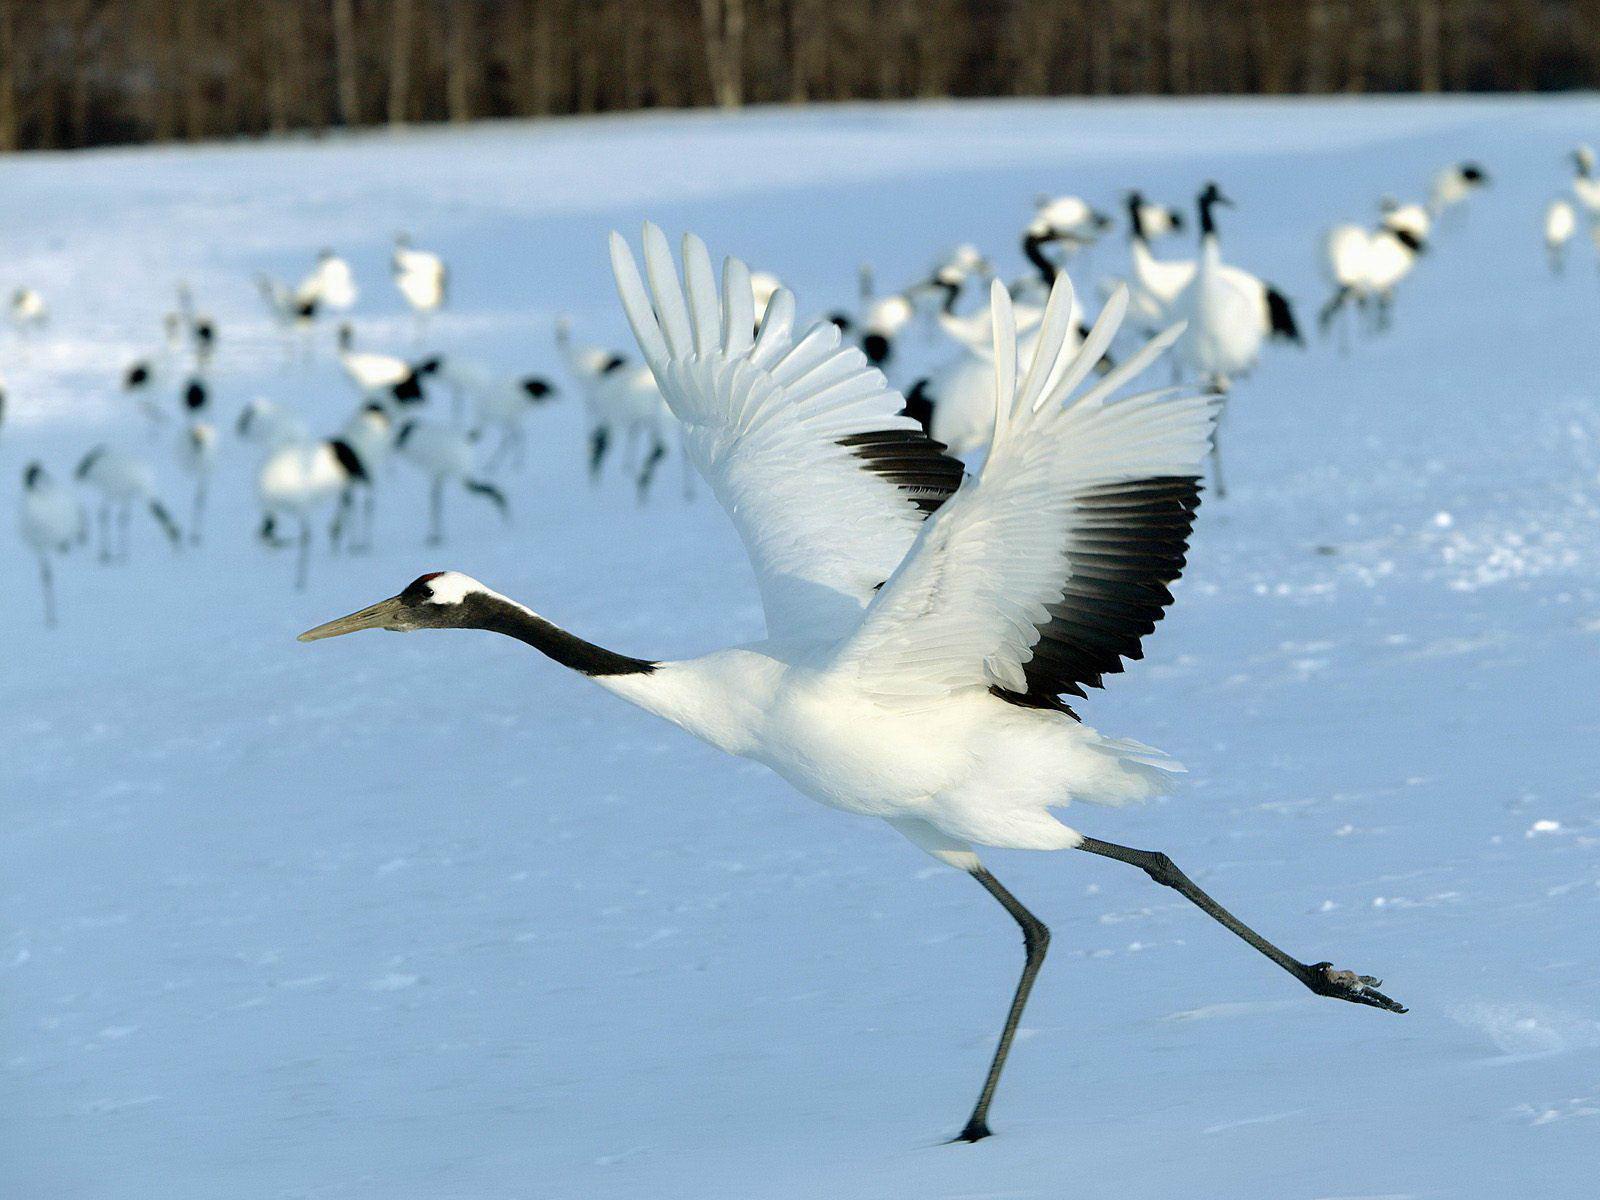 Crane Bird Wallpaper 38440 1680x1050 px